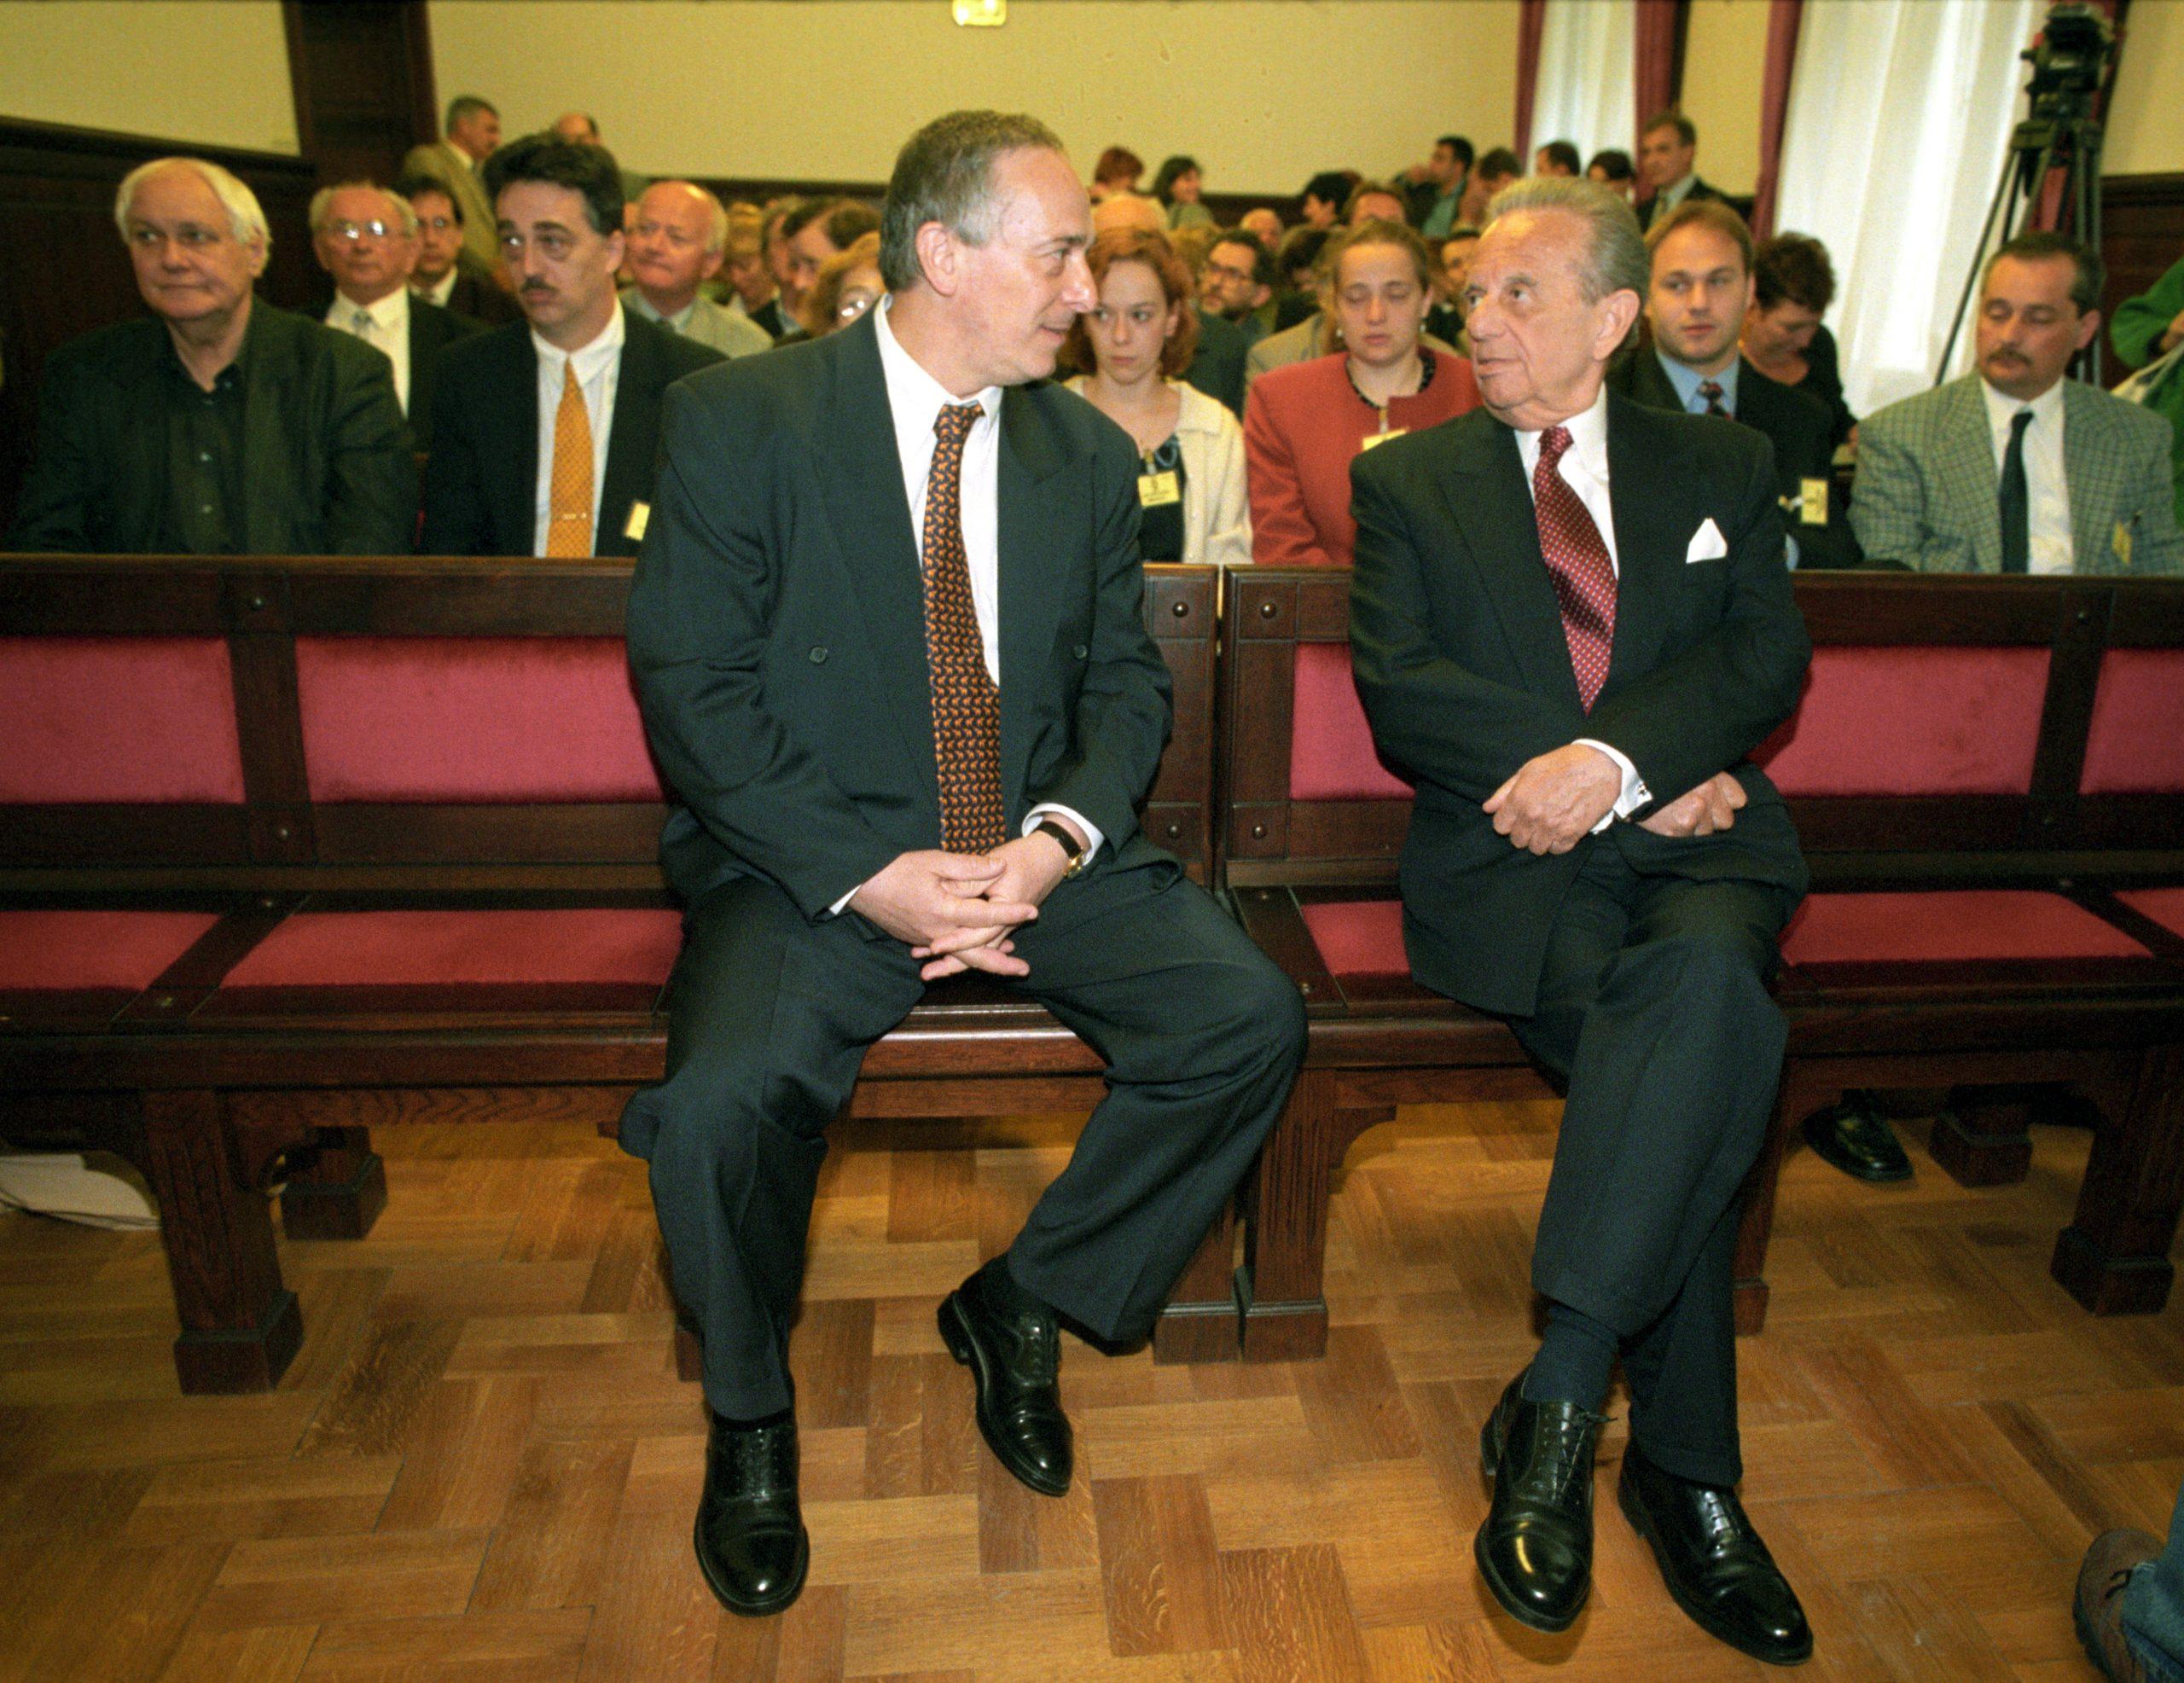 Kunos Péter és Kovács. Mögüttük a bal szélen Jancsó üldögél / Fotó: MTI